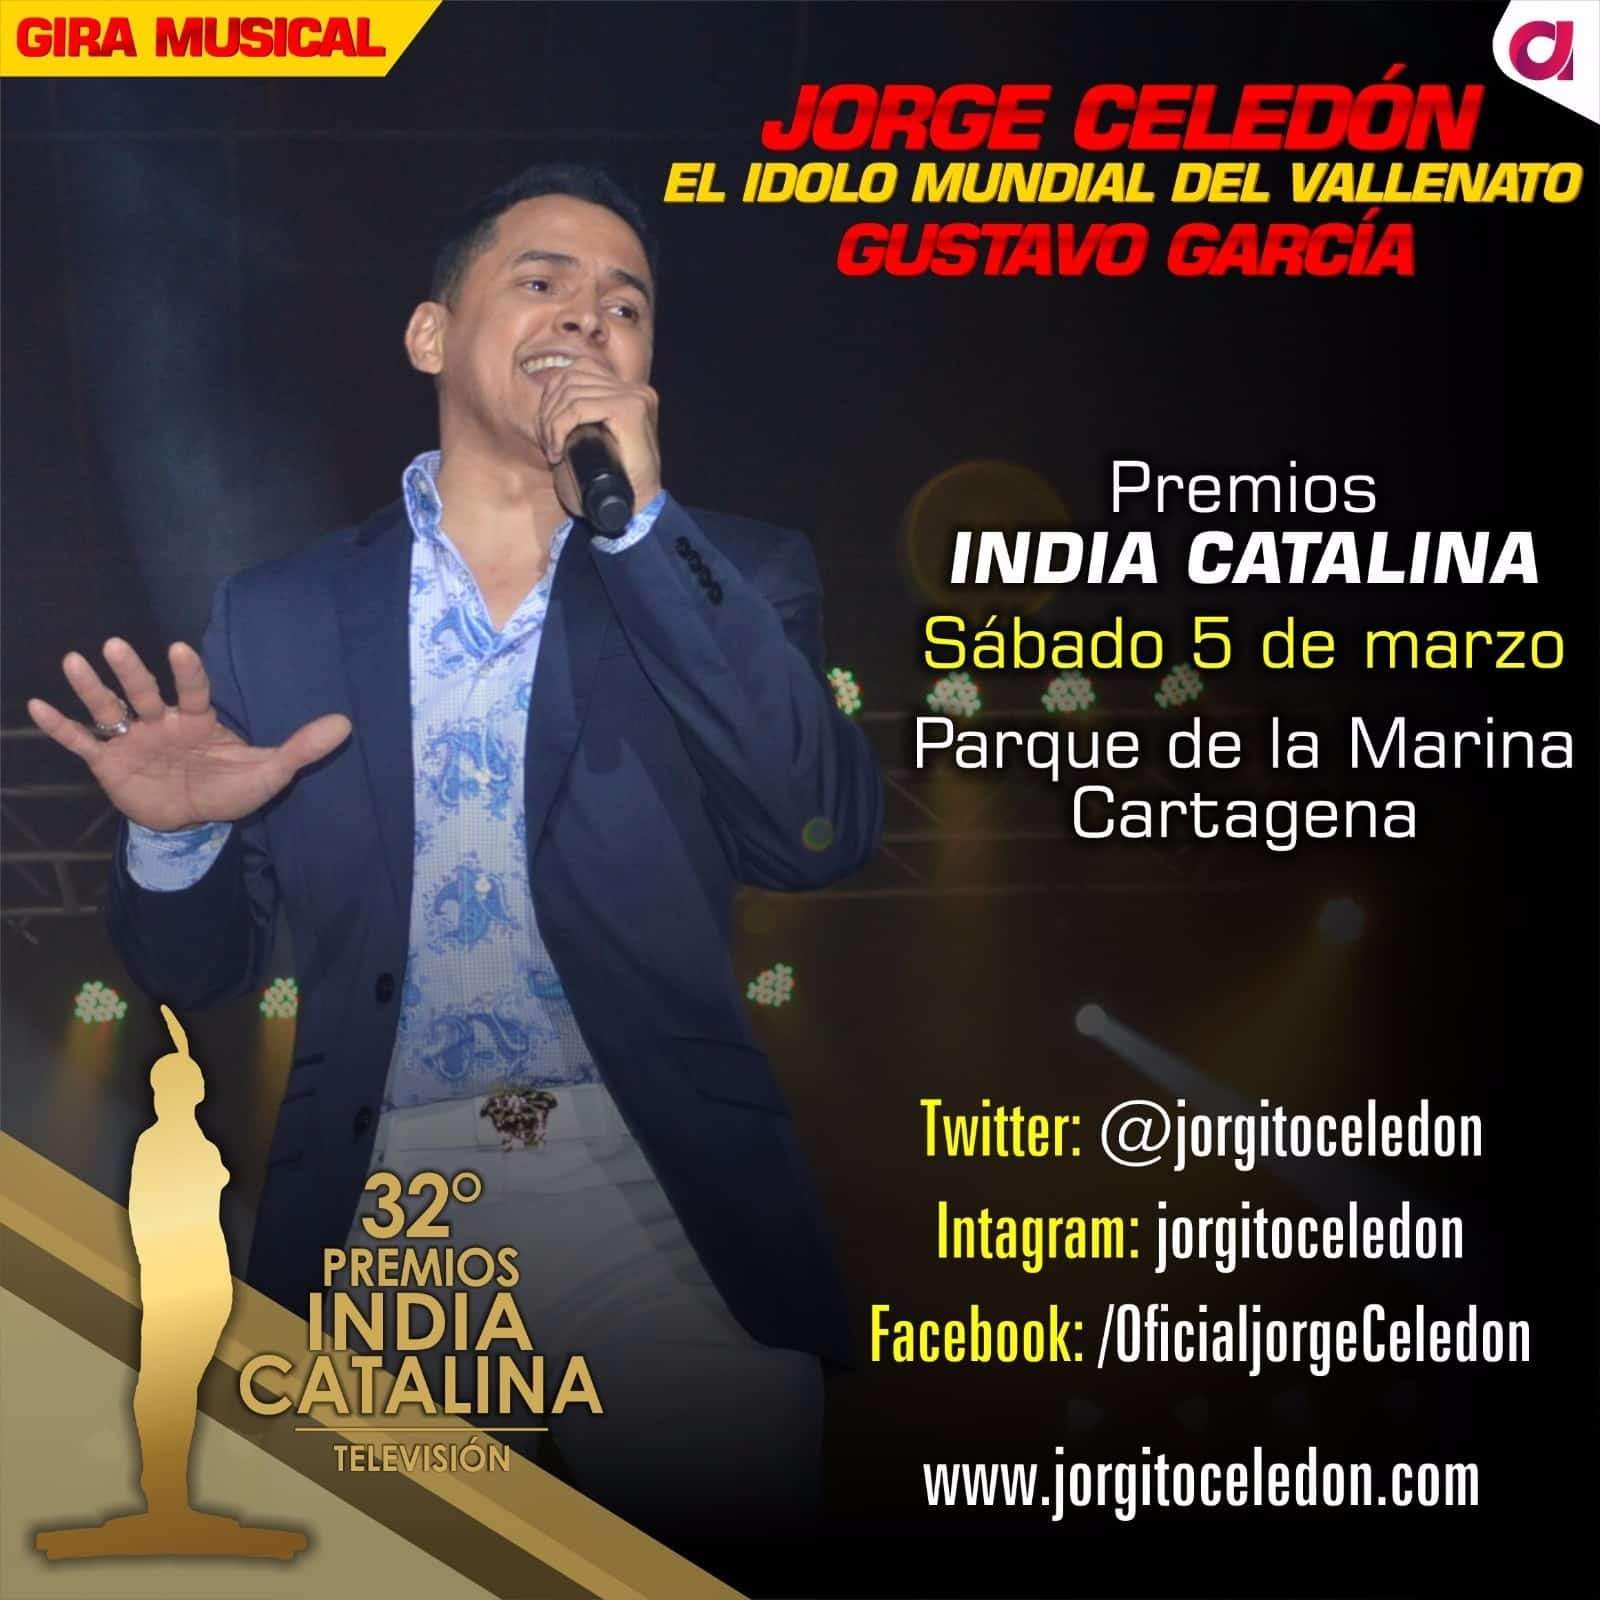 JORGE CELEDON EN LOS PREMIOS INDIA CATALINA